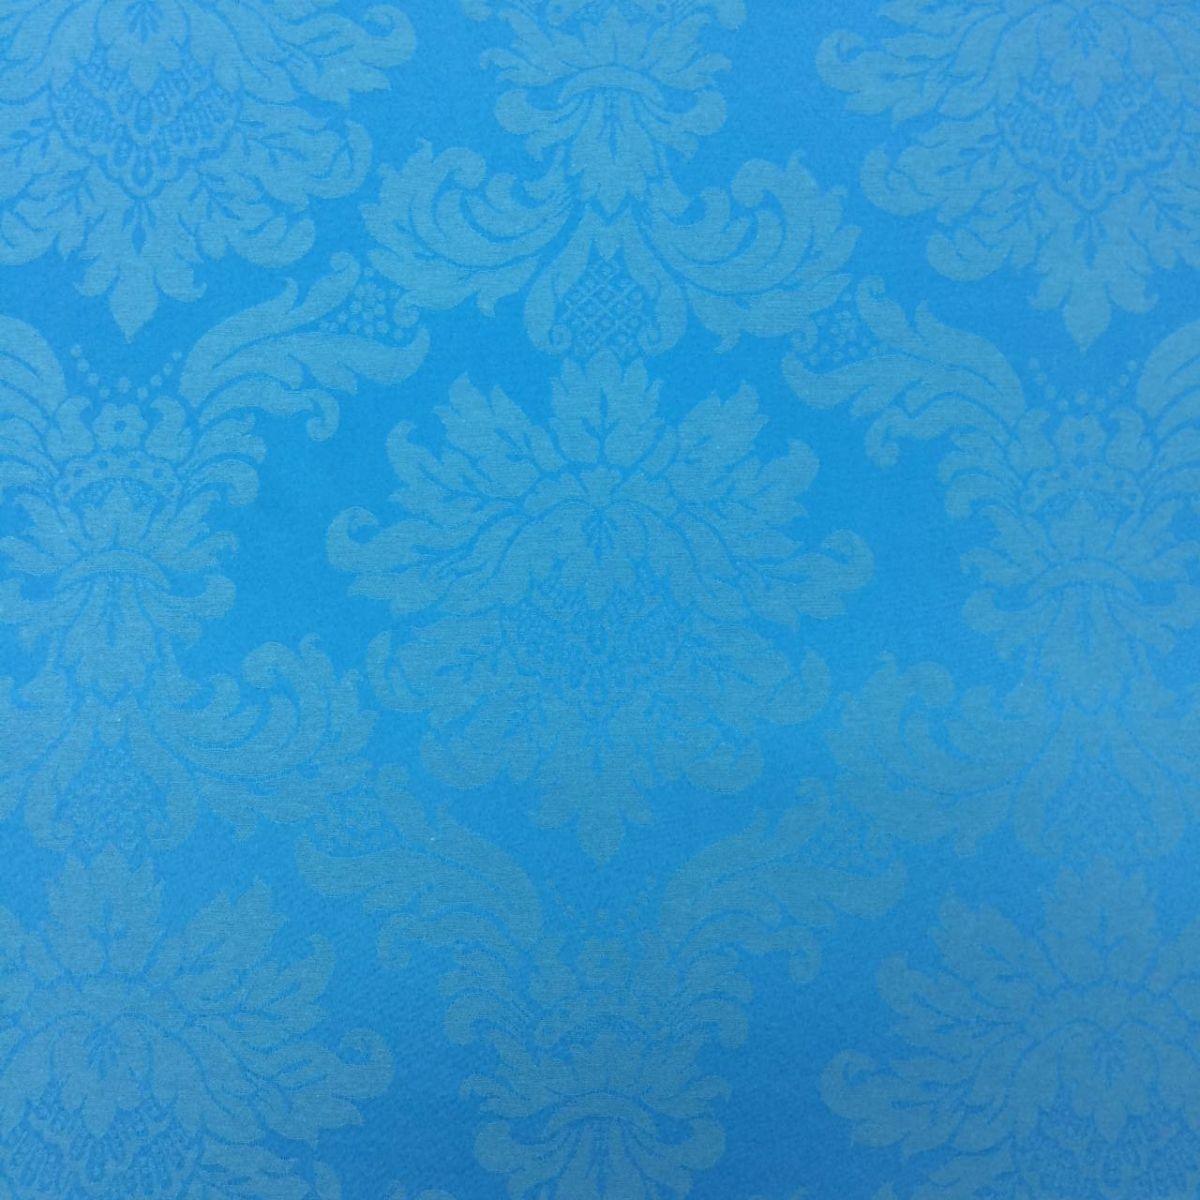 88e4d80622131 Tecido Jacquard Azul Turquesa Medalhão 2.80m de Largura